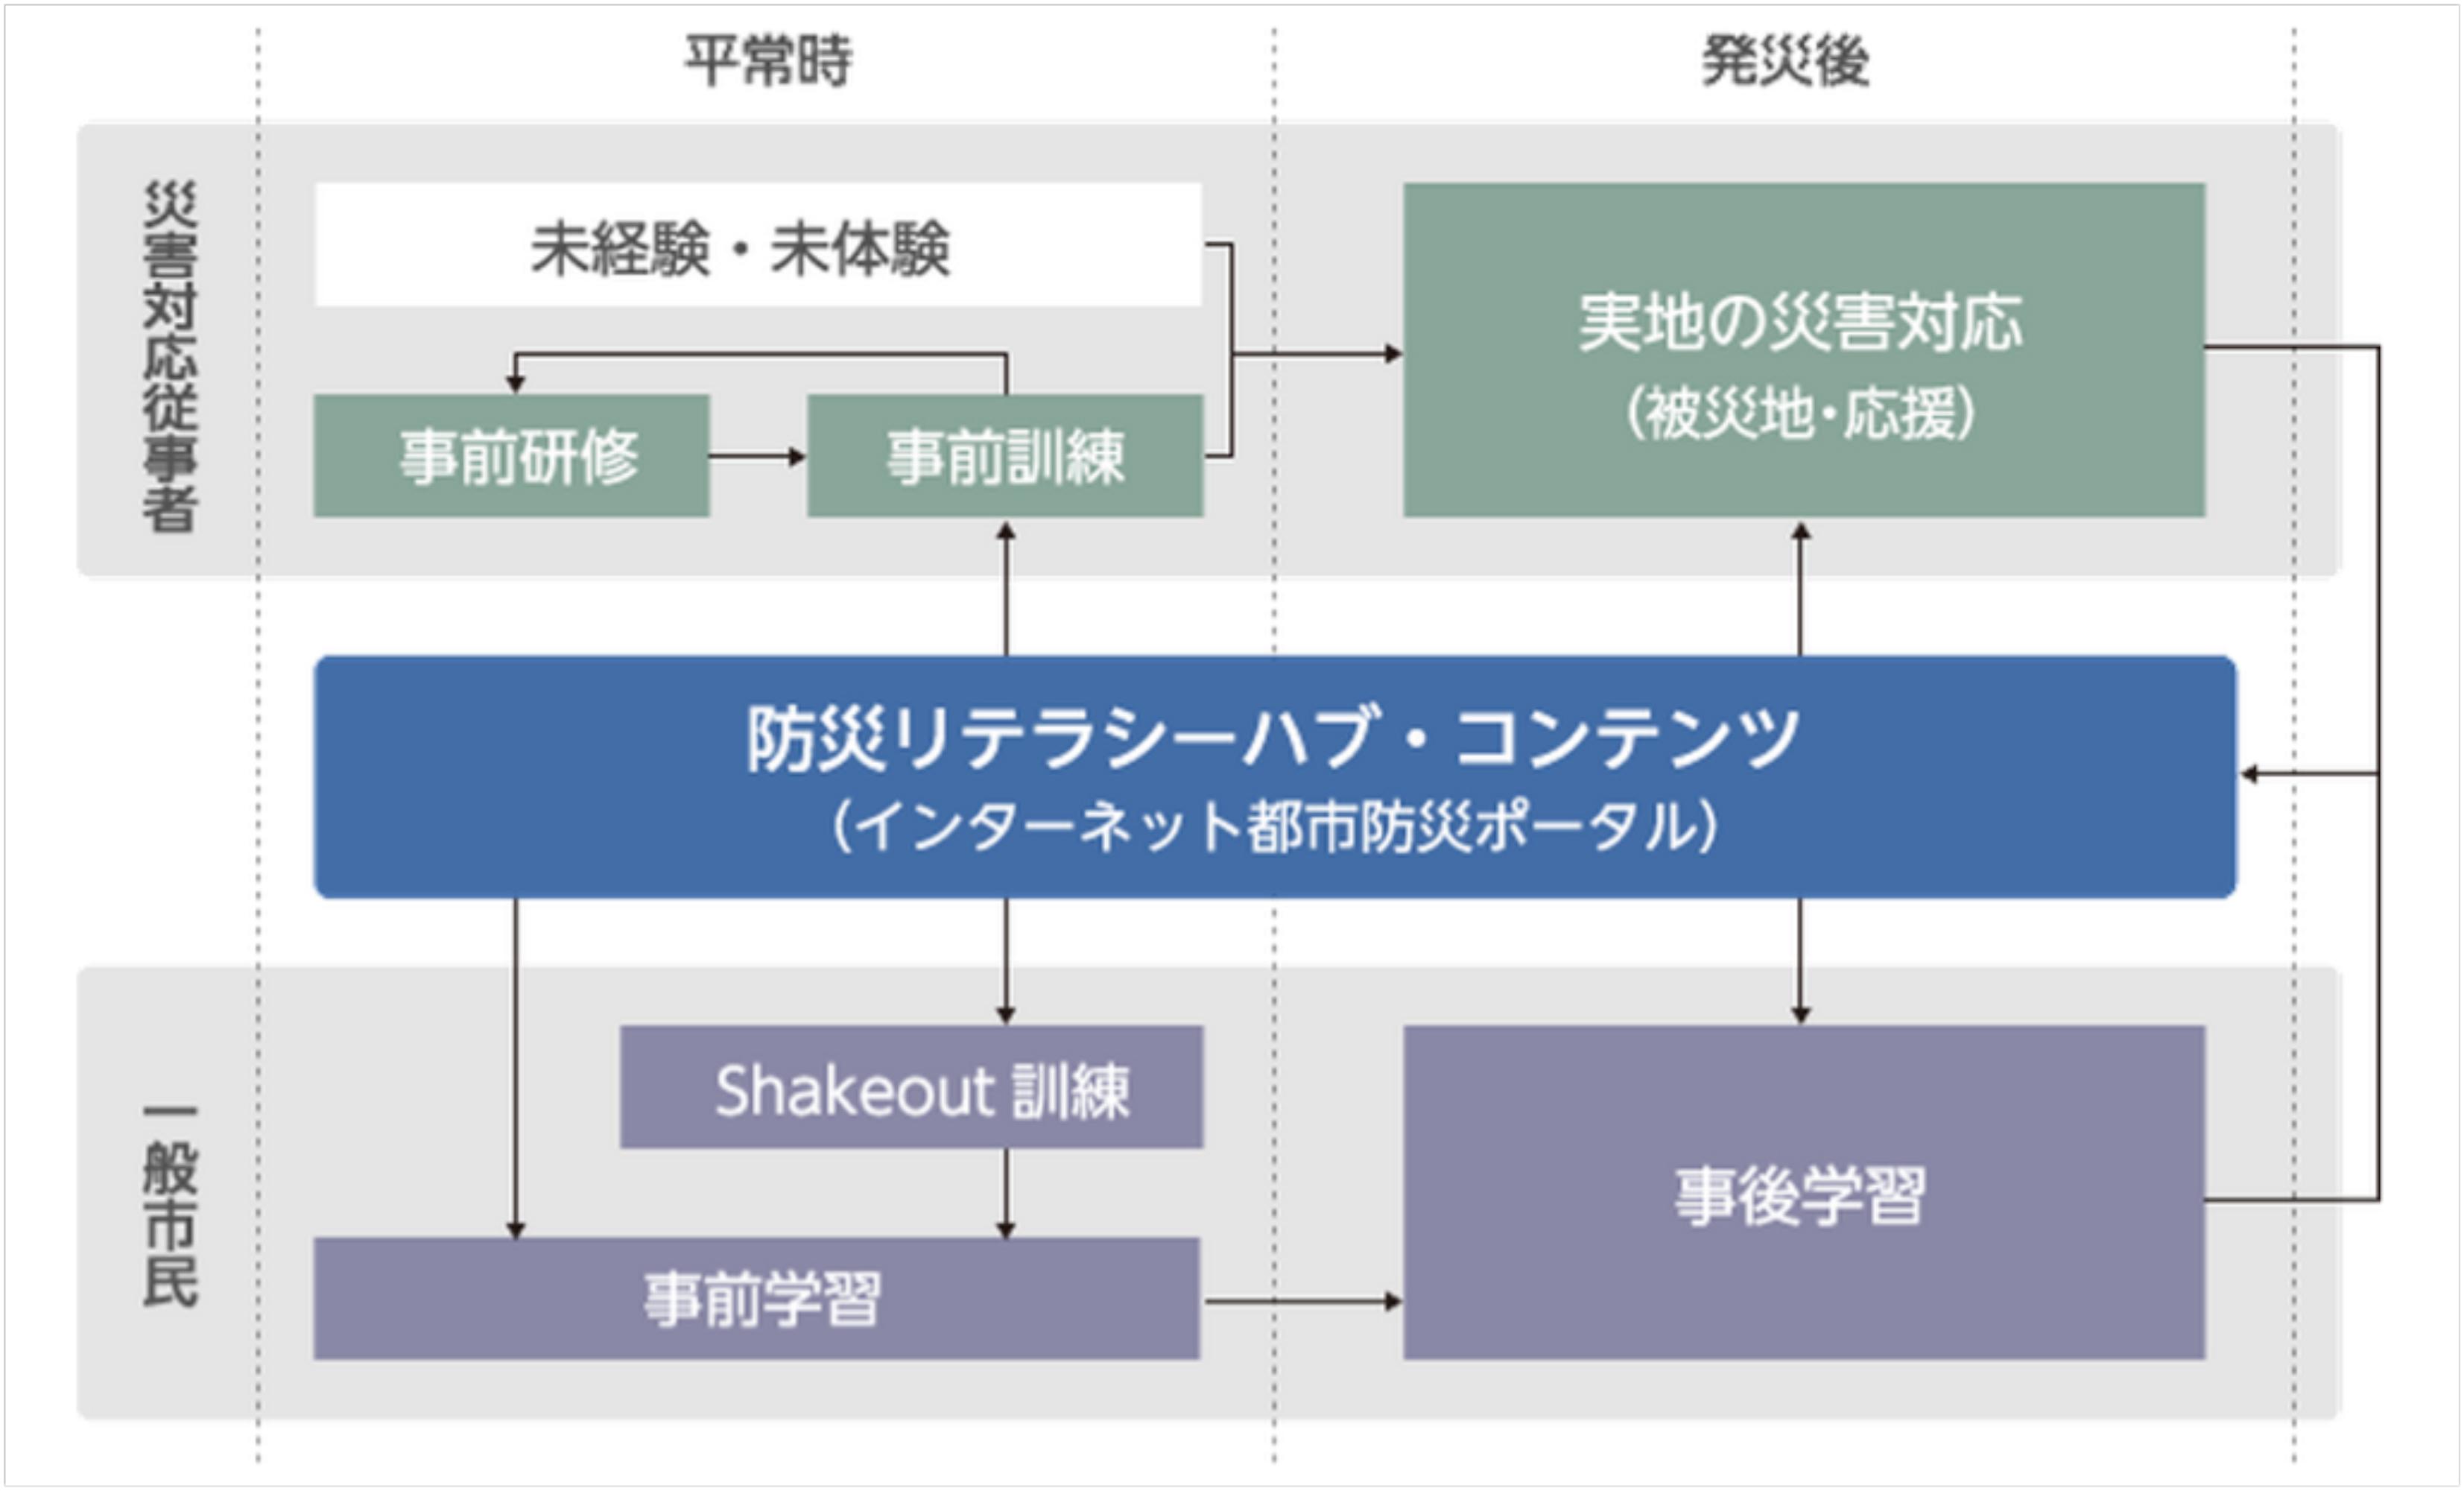 図3 防災リテラシーハブ